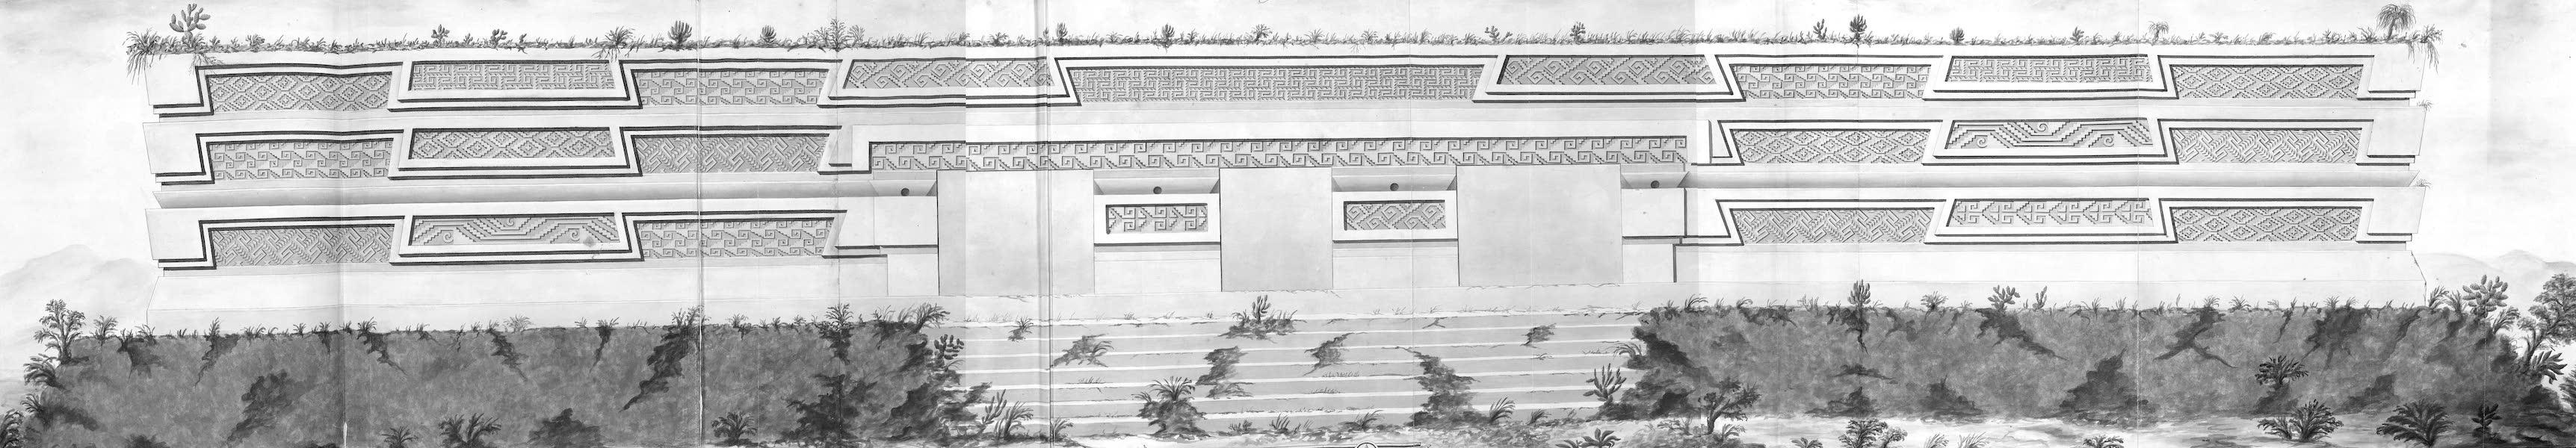 Coleccion General de Laminas de los Antiguos Monumentos de Nueva Espana - Segundo Viage - Lamina 25 (1820)